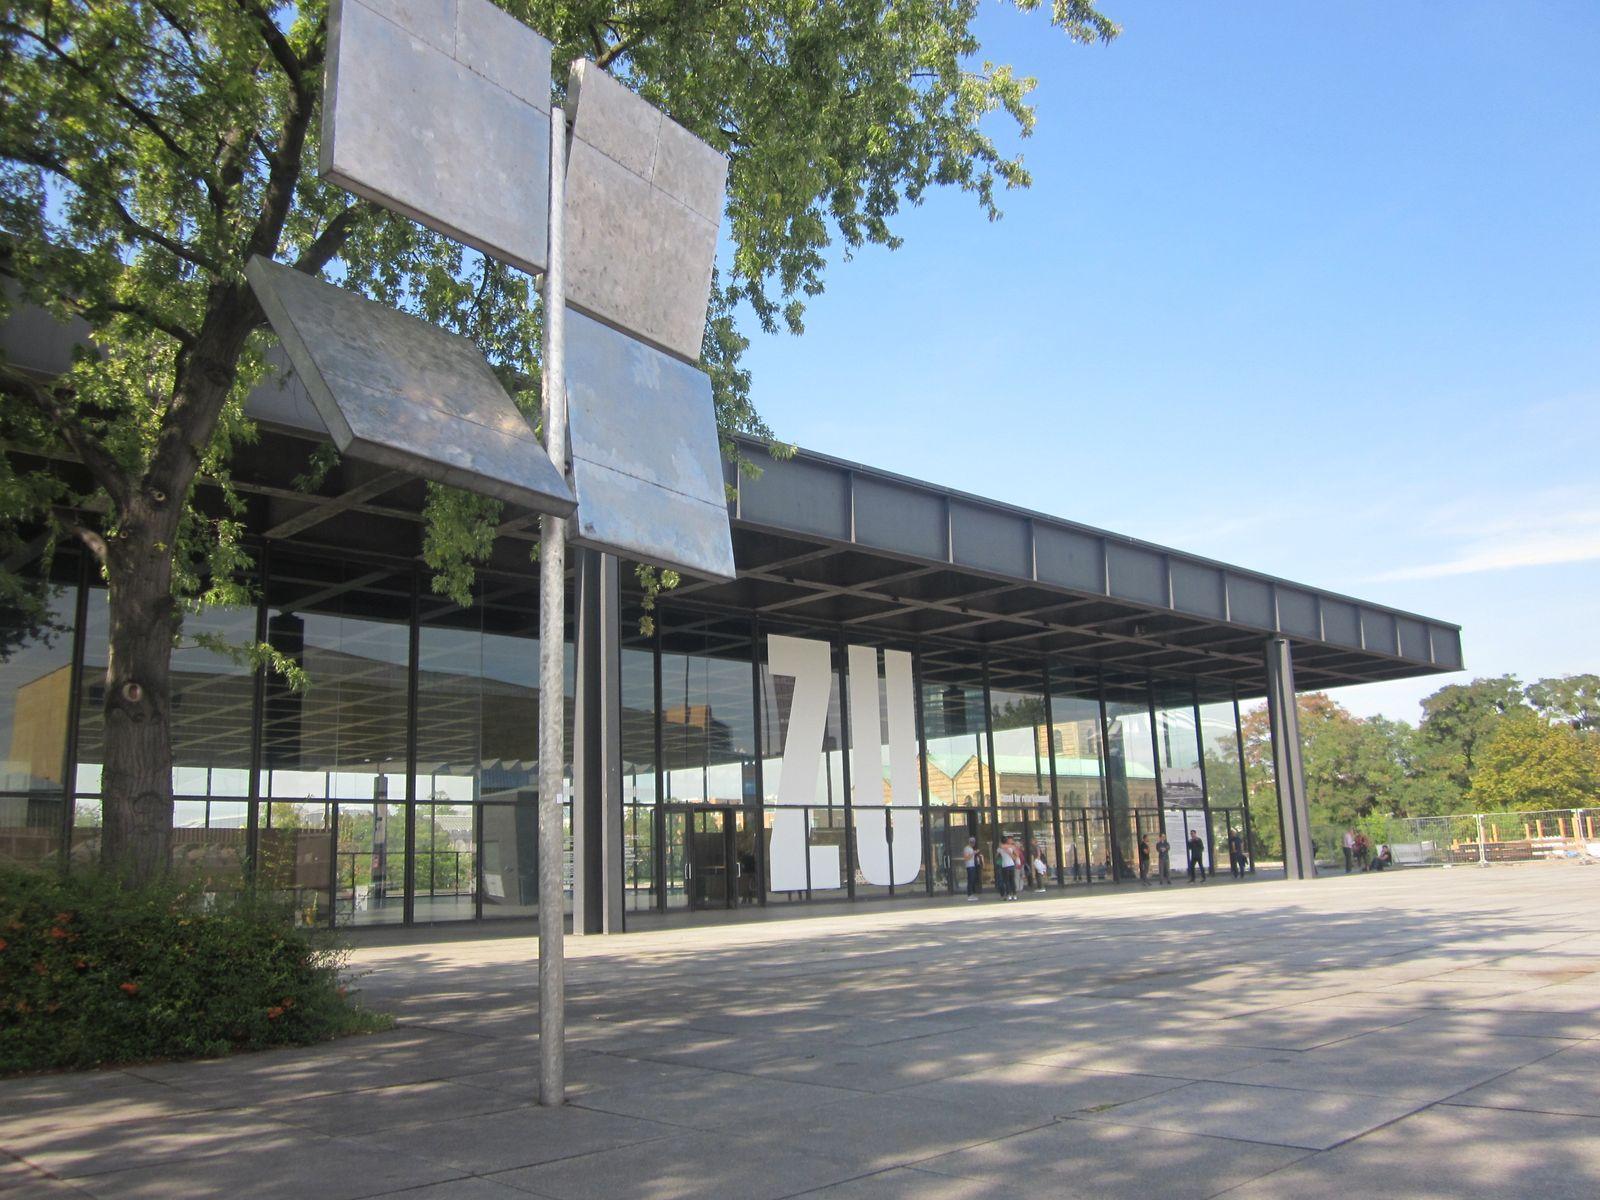 Die Neue Nationalgalerie ist zurzeit wegen einer Sanierung geschlossen. Gestern erstrahlte sie nicht nur von außen noch einmal im Sonnenlicht.